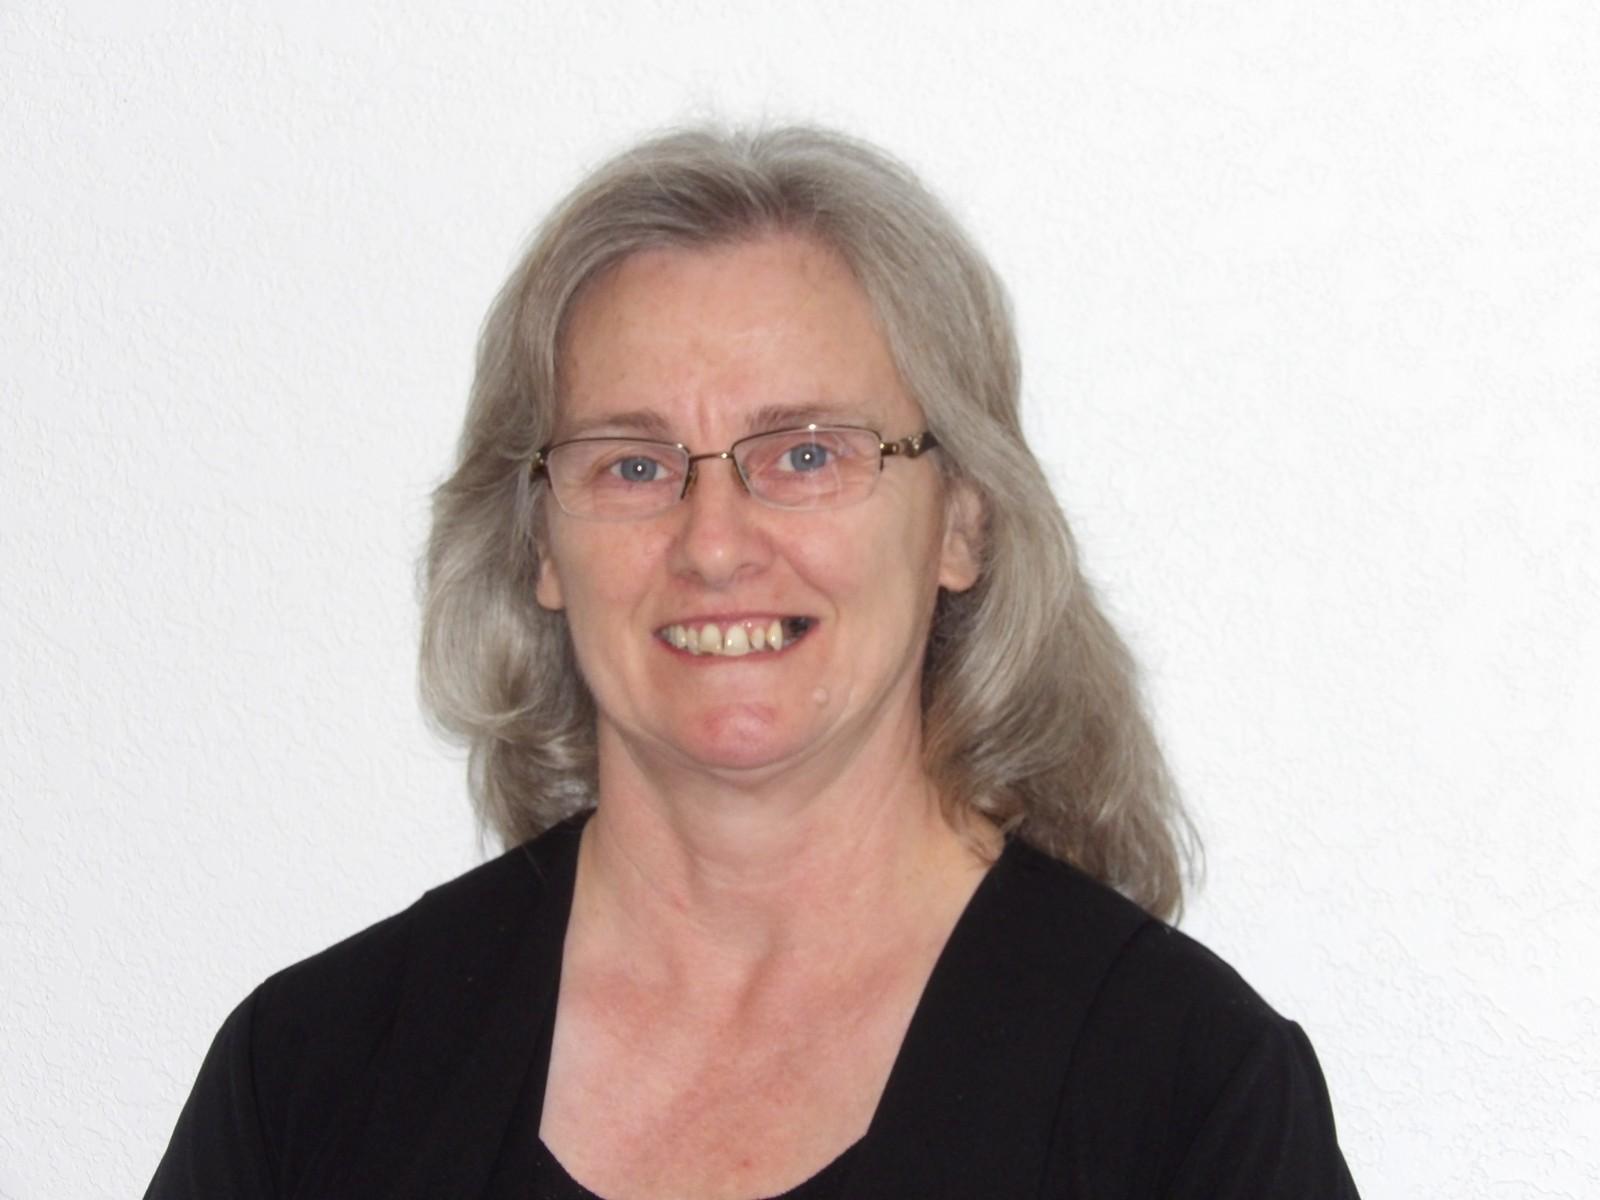 Tenna Tidwell - International WMB Secretary